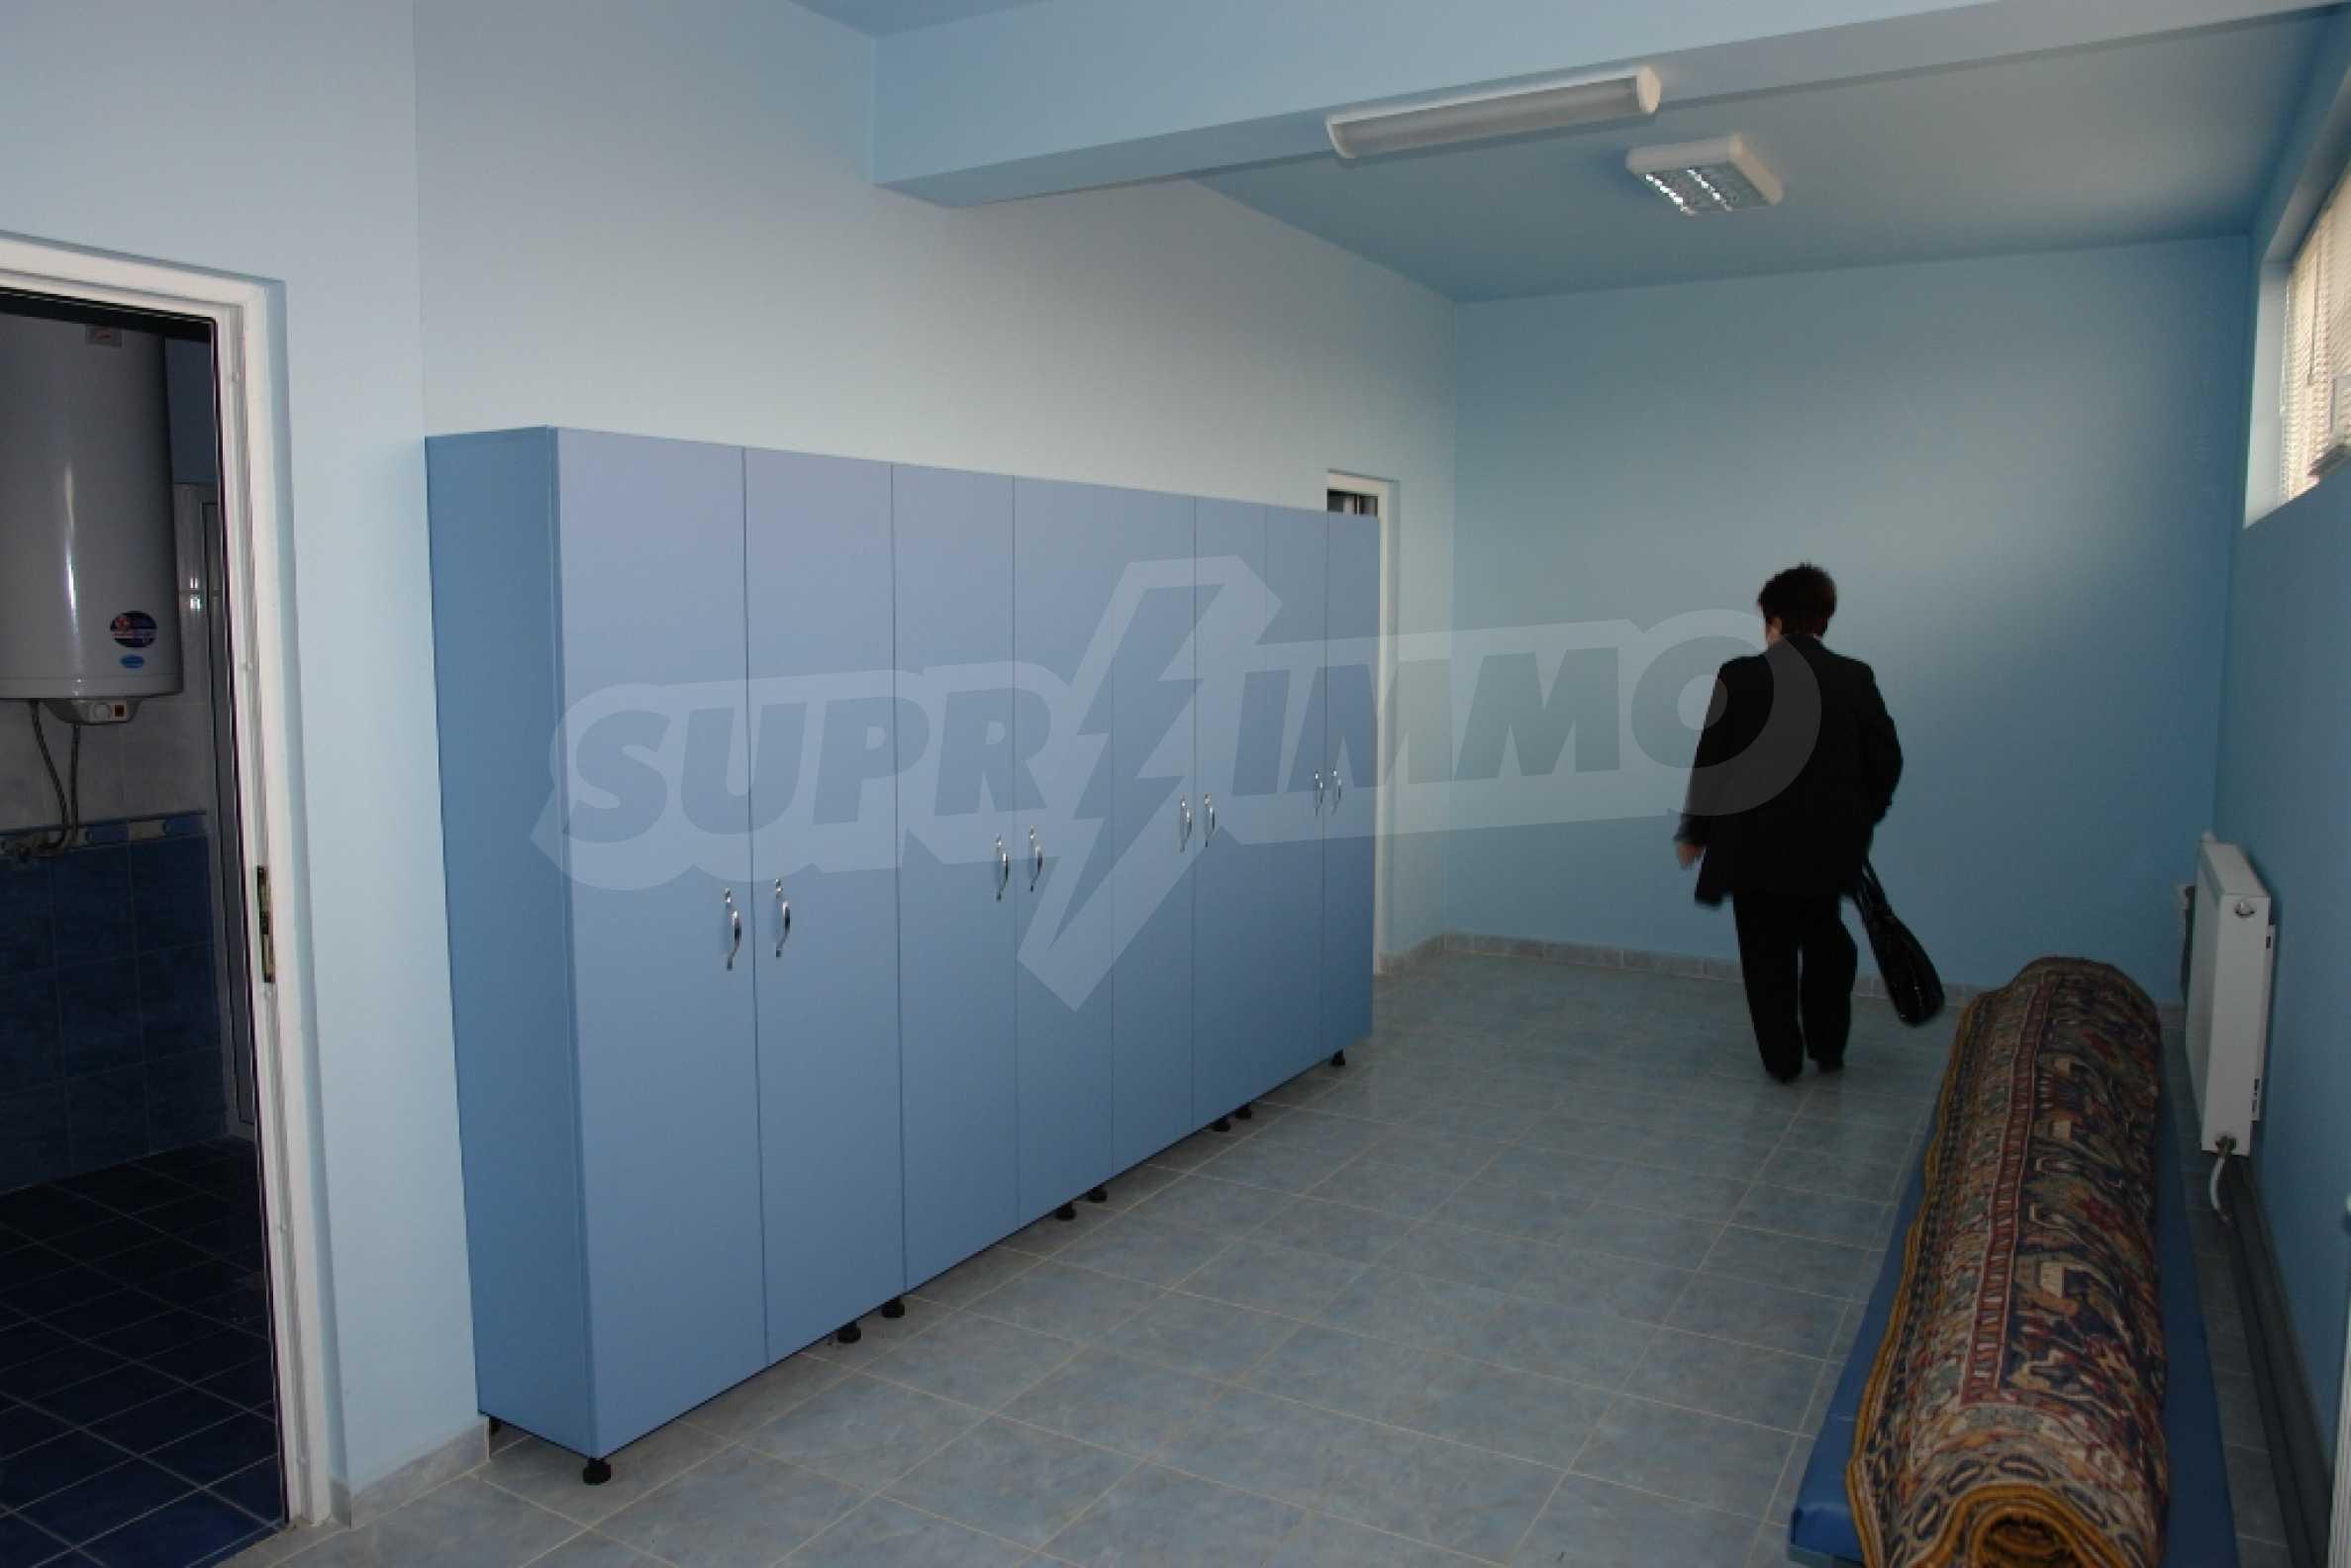 Индустриално-пакетажна база в град Мартен, Русенска област 9